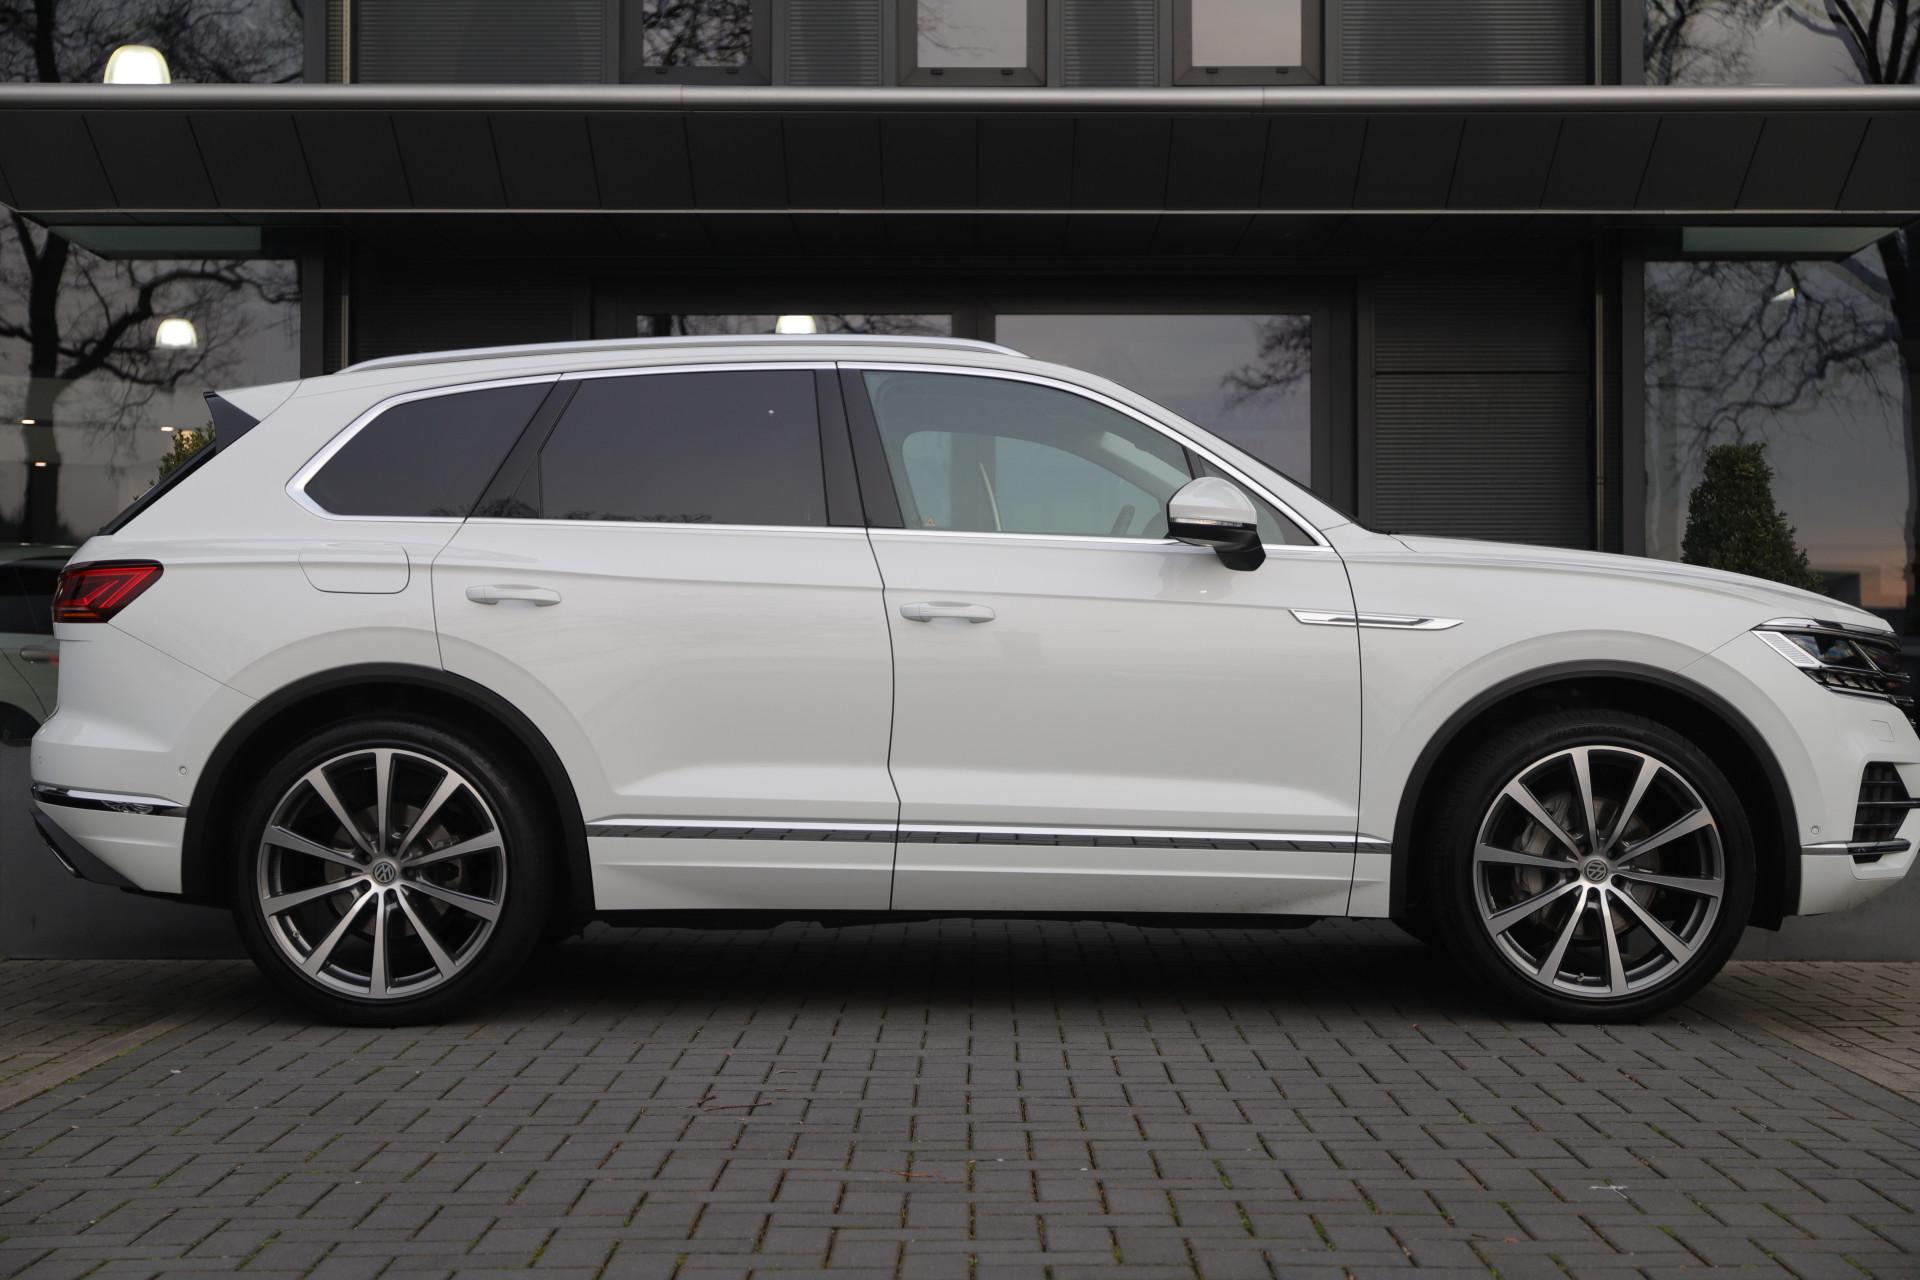 Tweedehands Volkswagen Touareg occasion